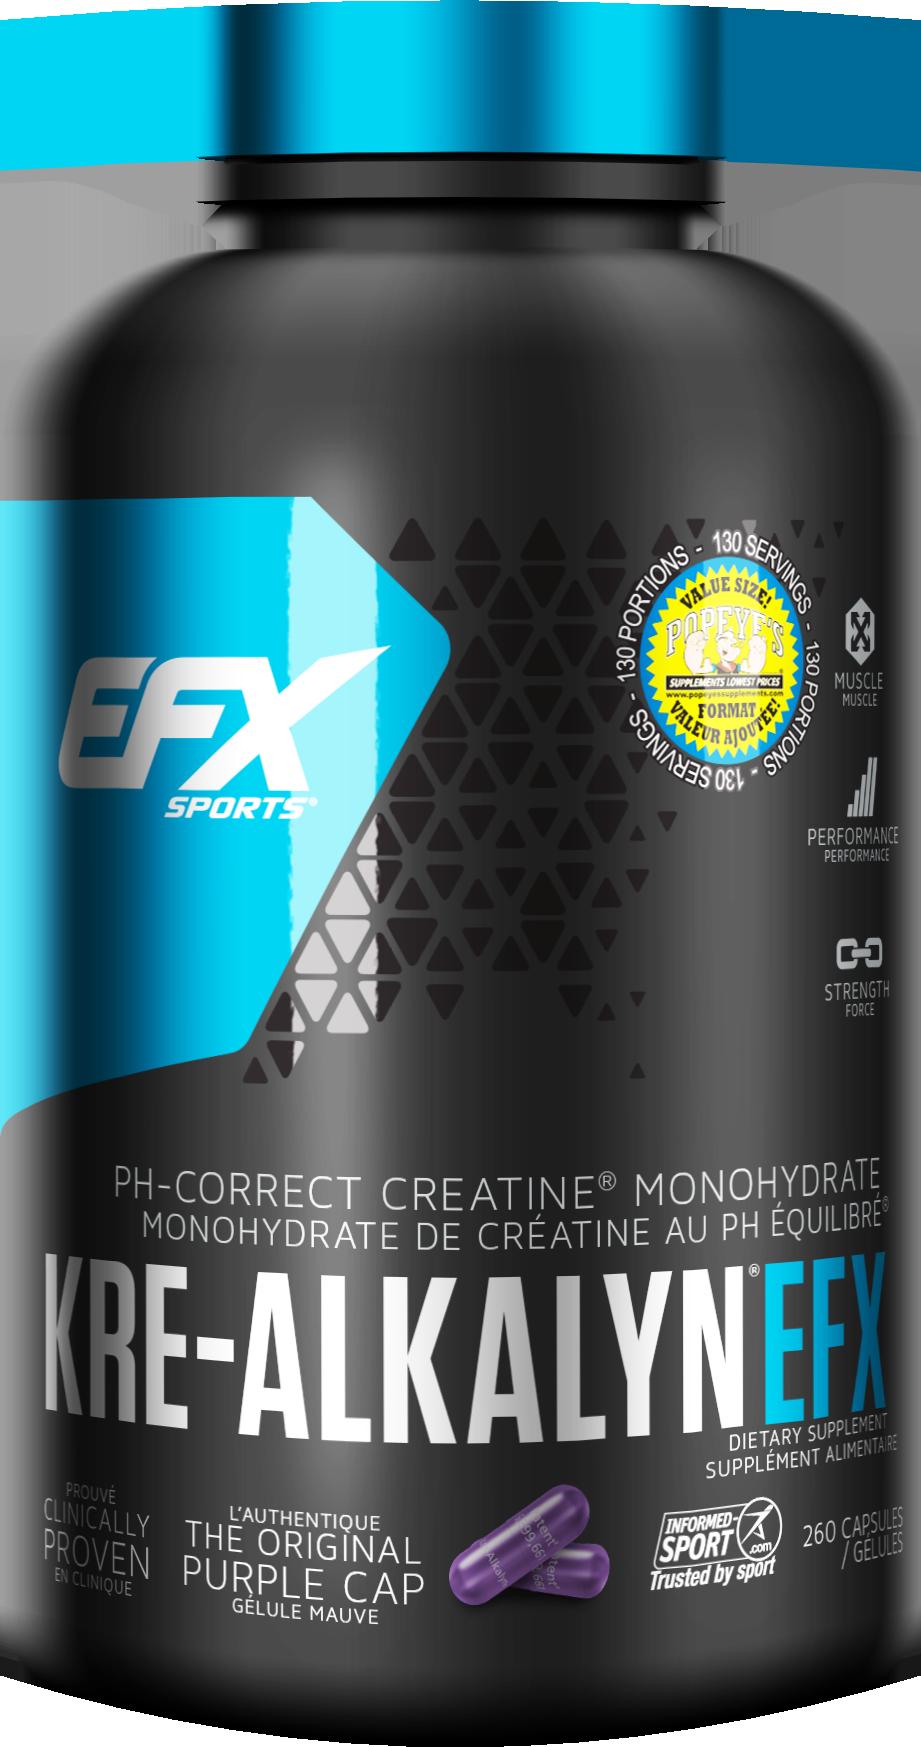 EFX Sports KRE-ALKALYNE EFX